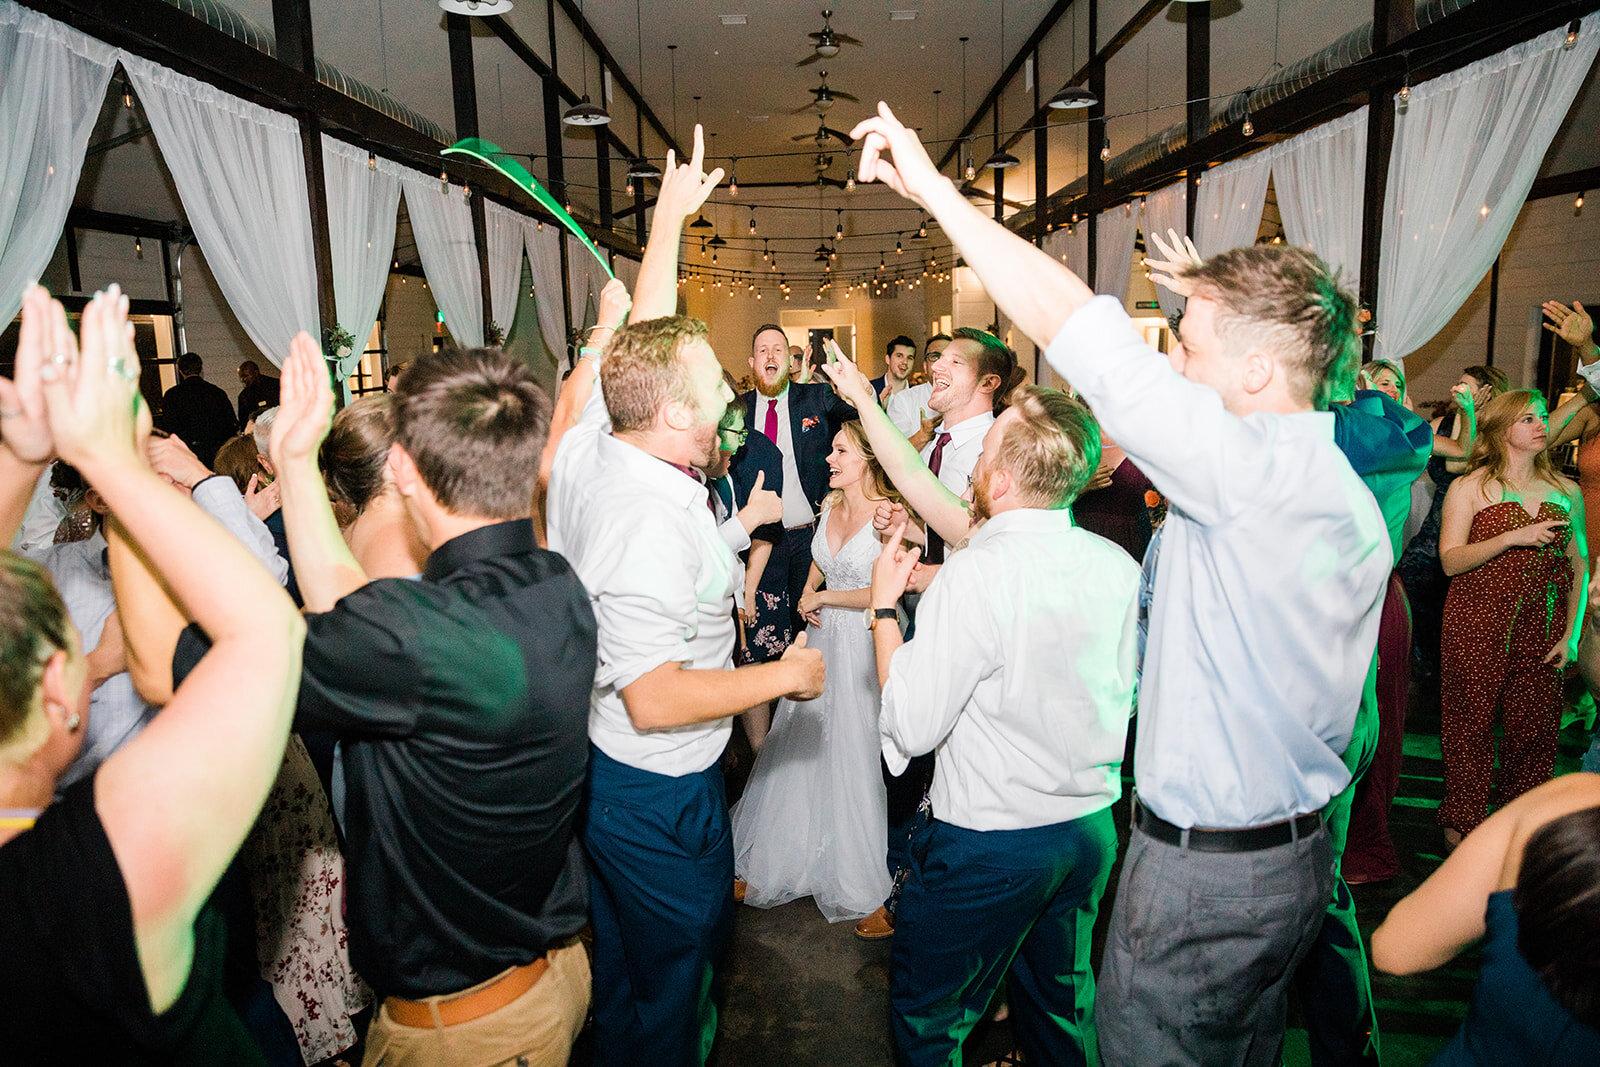 Tulsa Oklahoma Wedding Venues 101.jpg